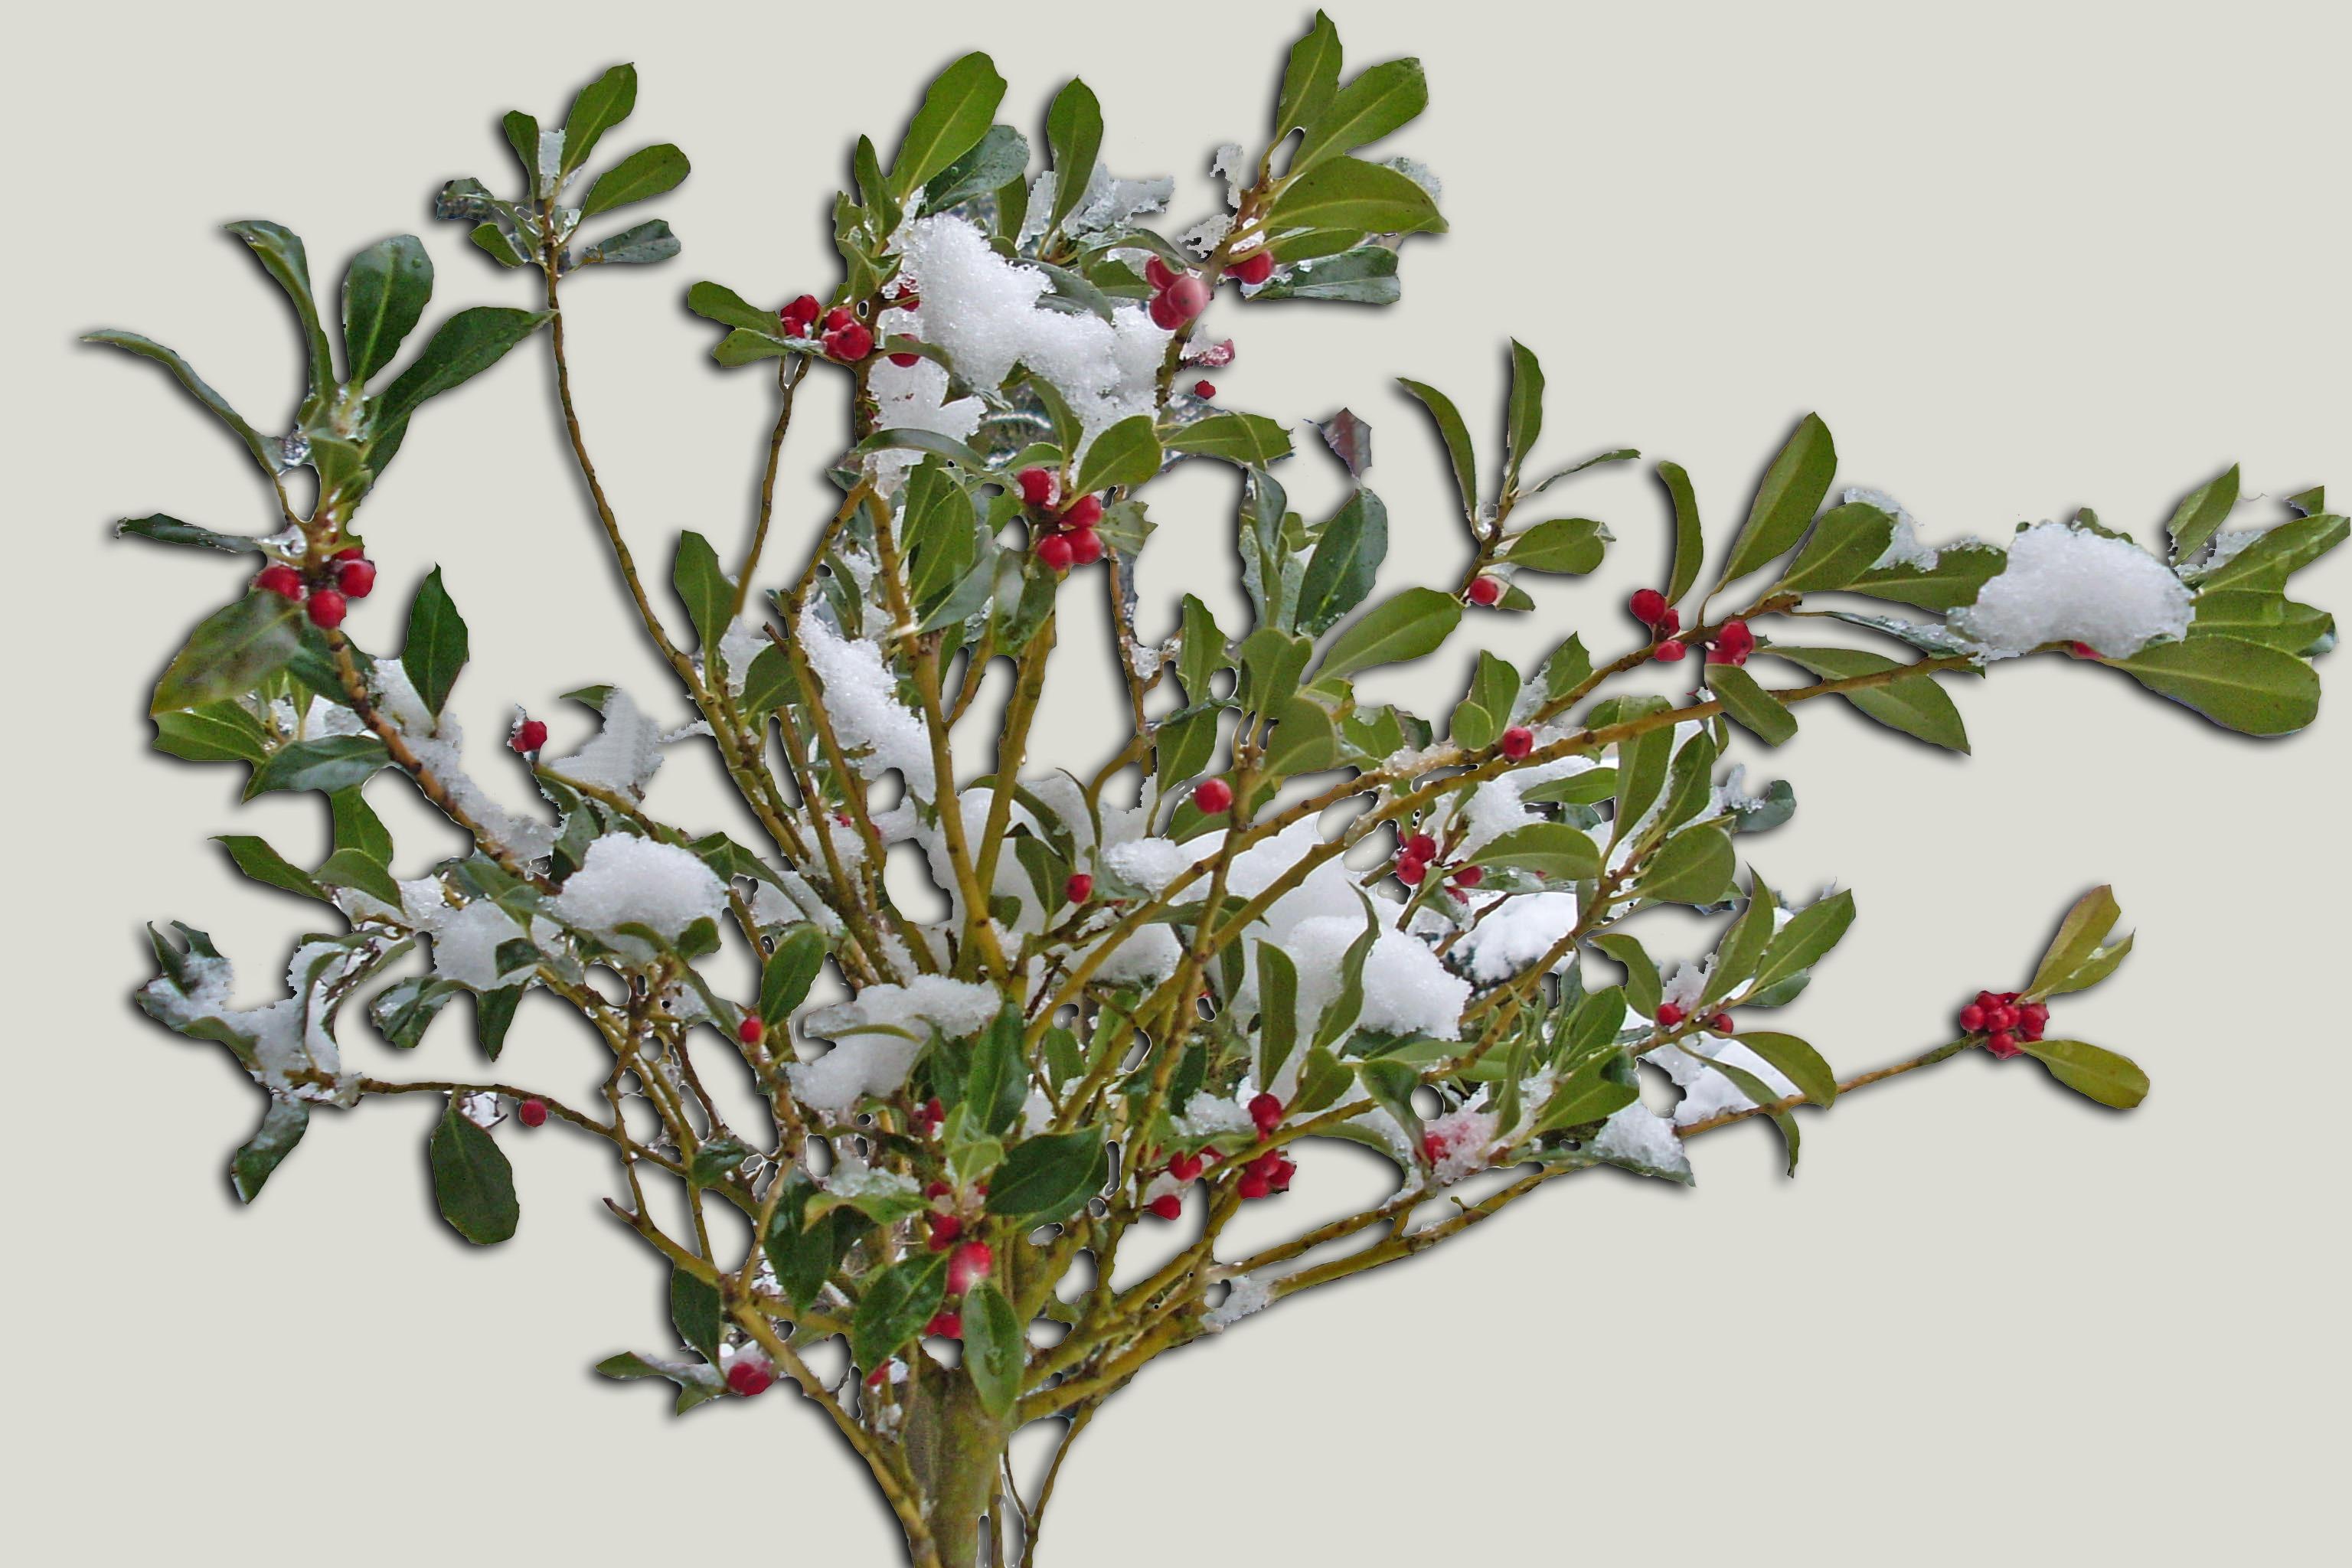 images gratuites arbre la nature branche fleur neige hiver buisson aliments rouge. Black Bedroom Furniture Sets. Home Design Ideas